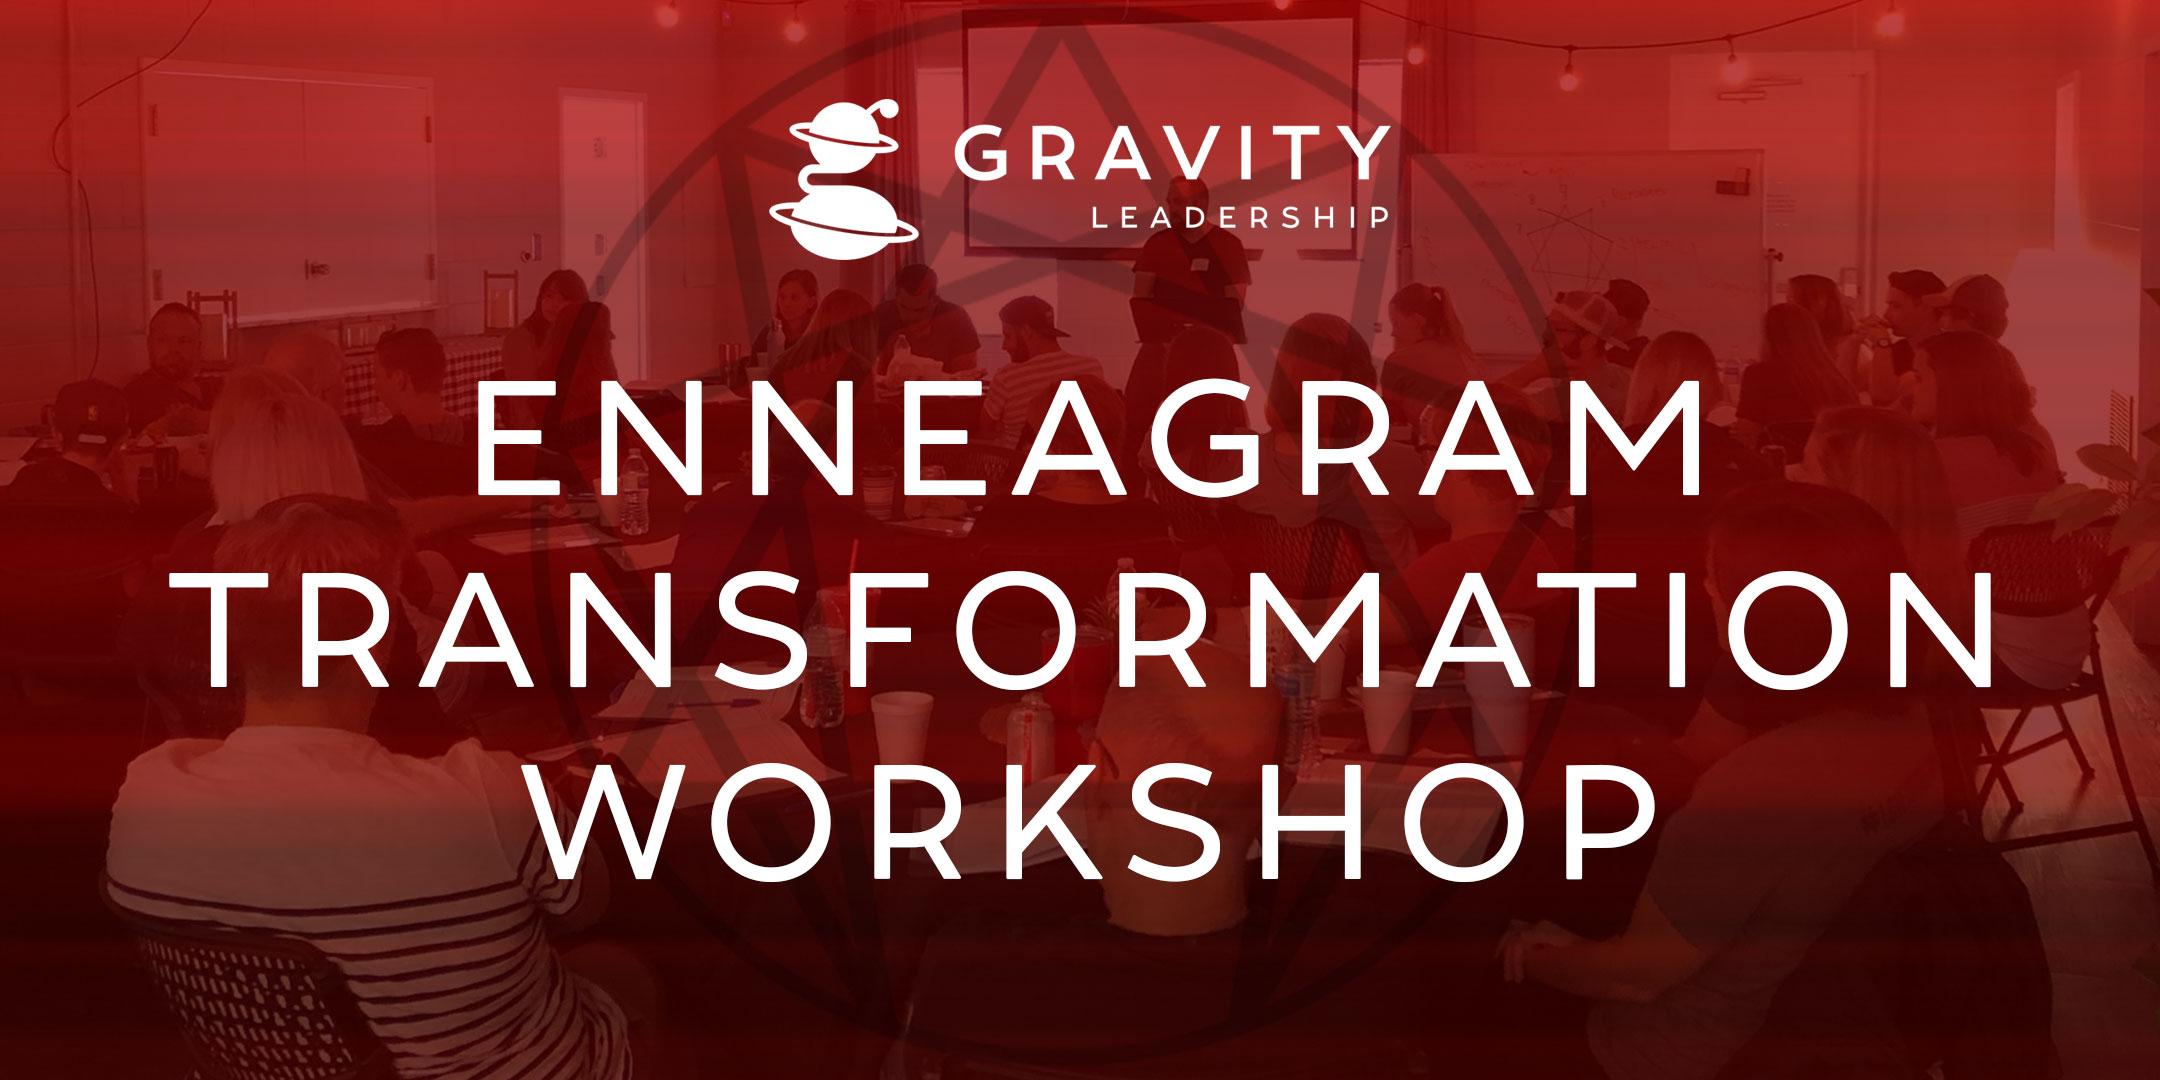 Enneagram Transformation Workshop